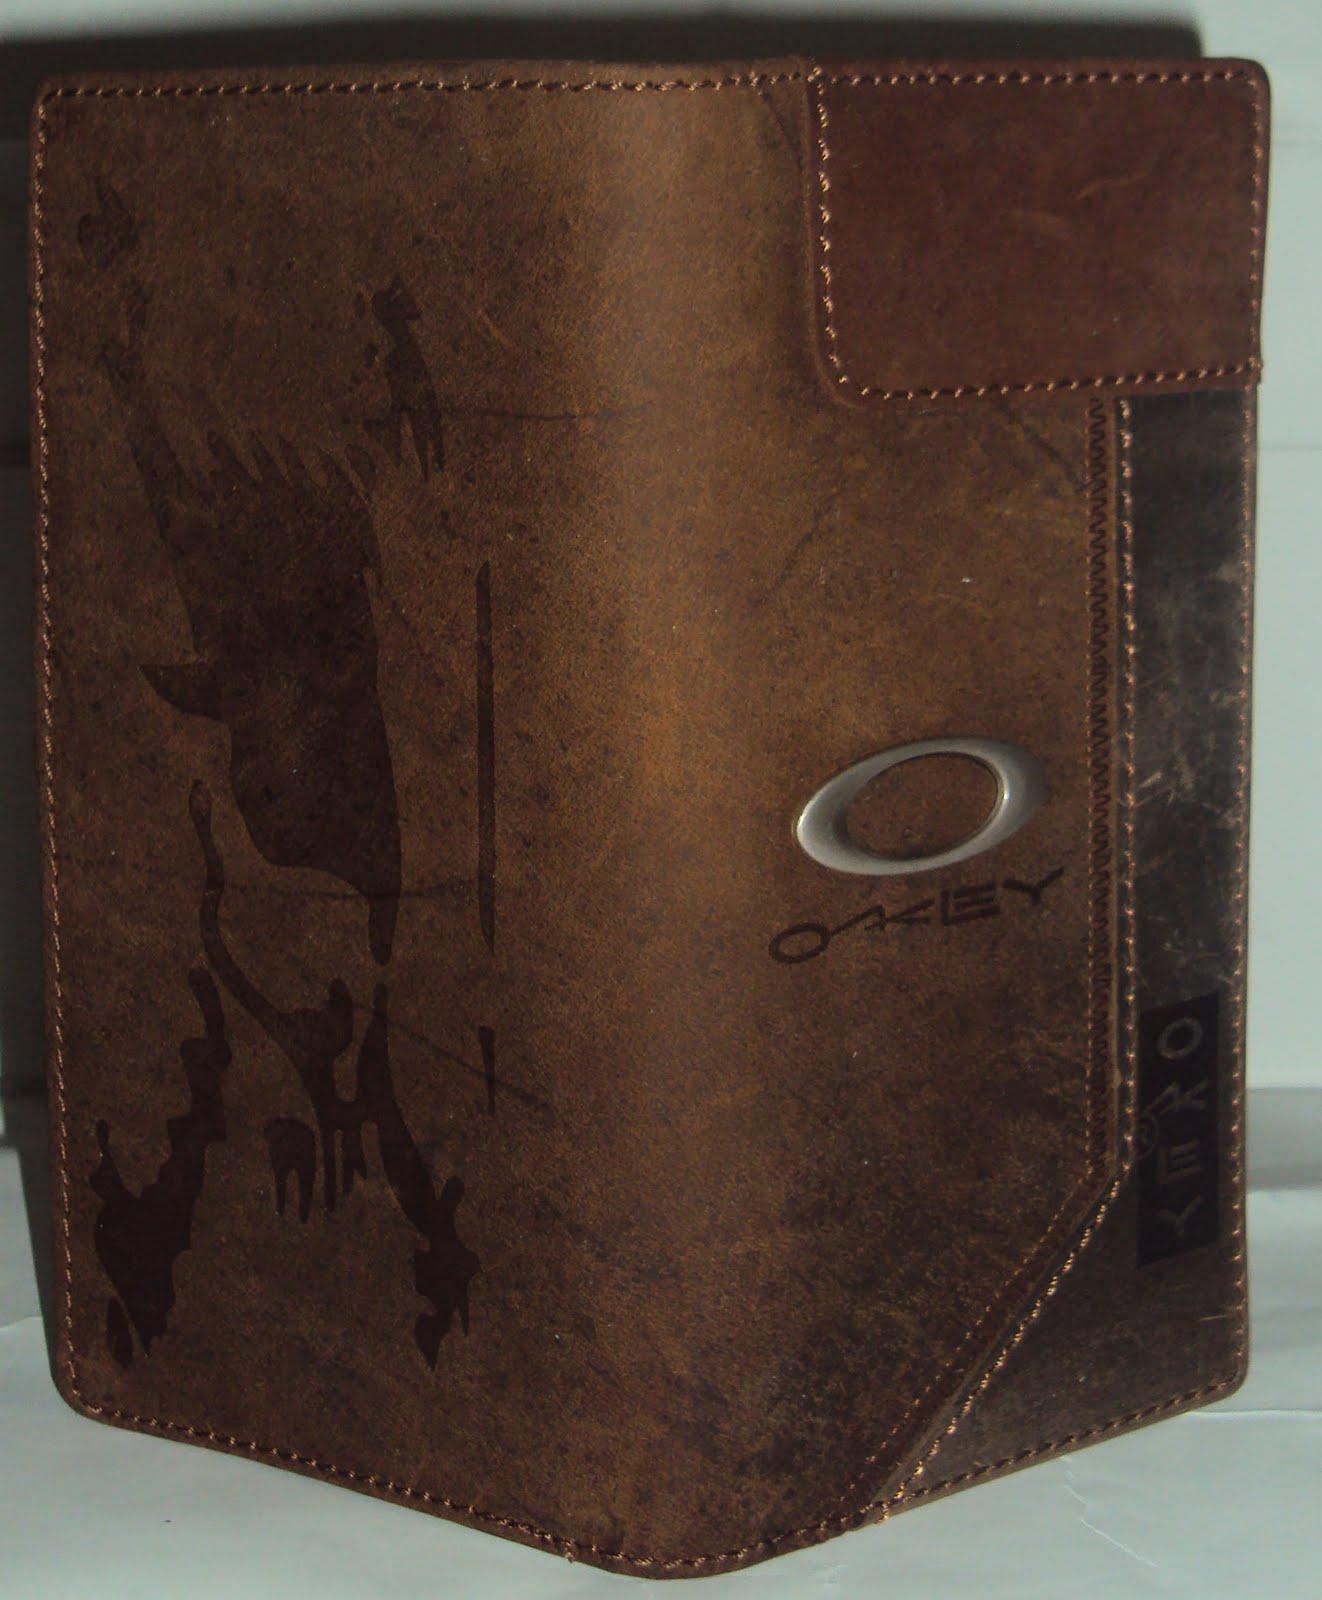 Nama Barang Oakley Kulit Ukuran 9x18 Cm Kode OK LG01 Harga Rp